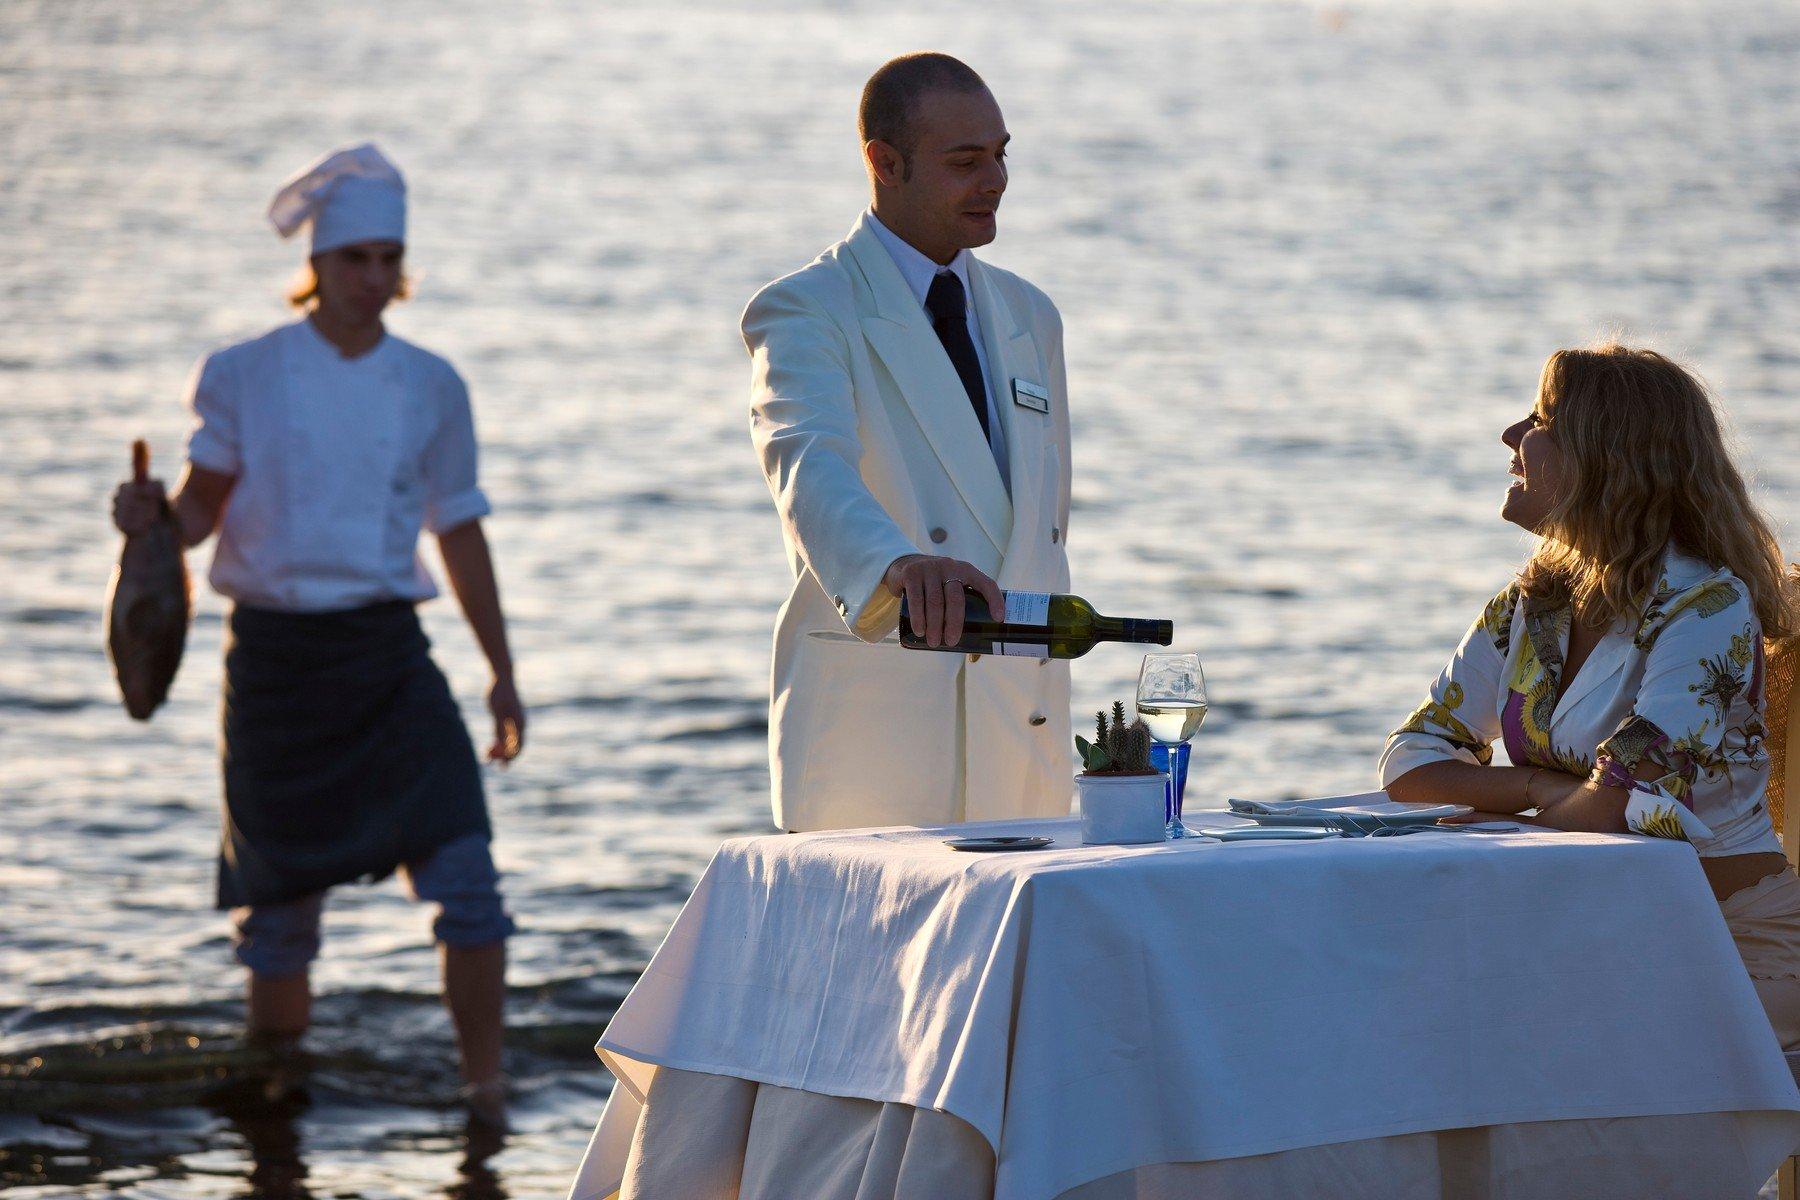 Ilustracija, konobar na plaži